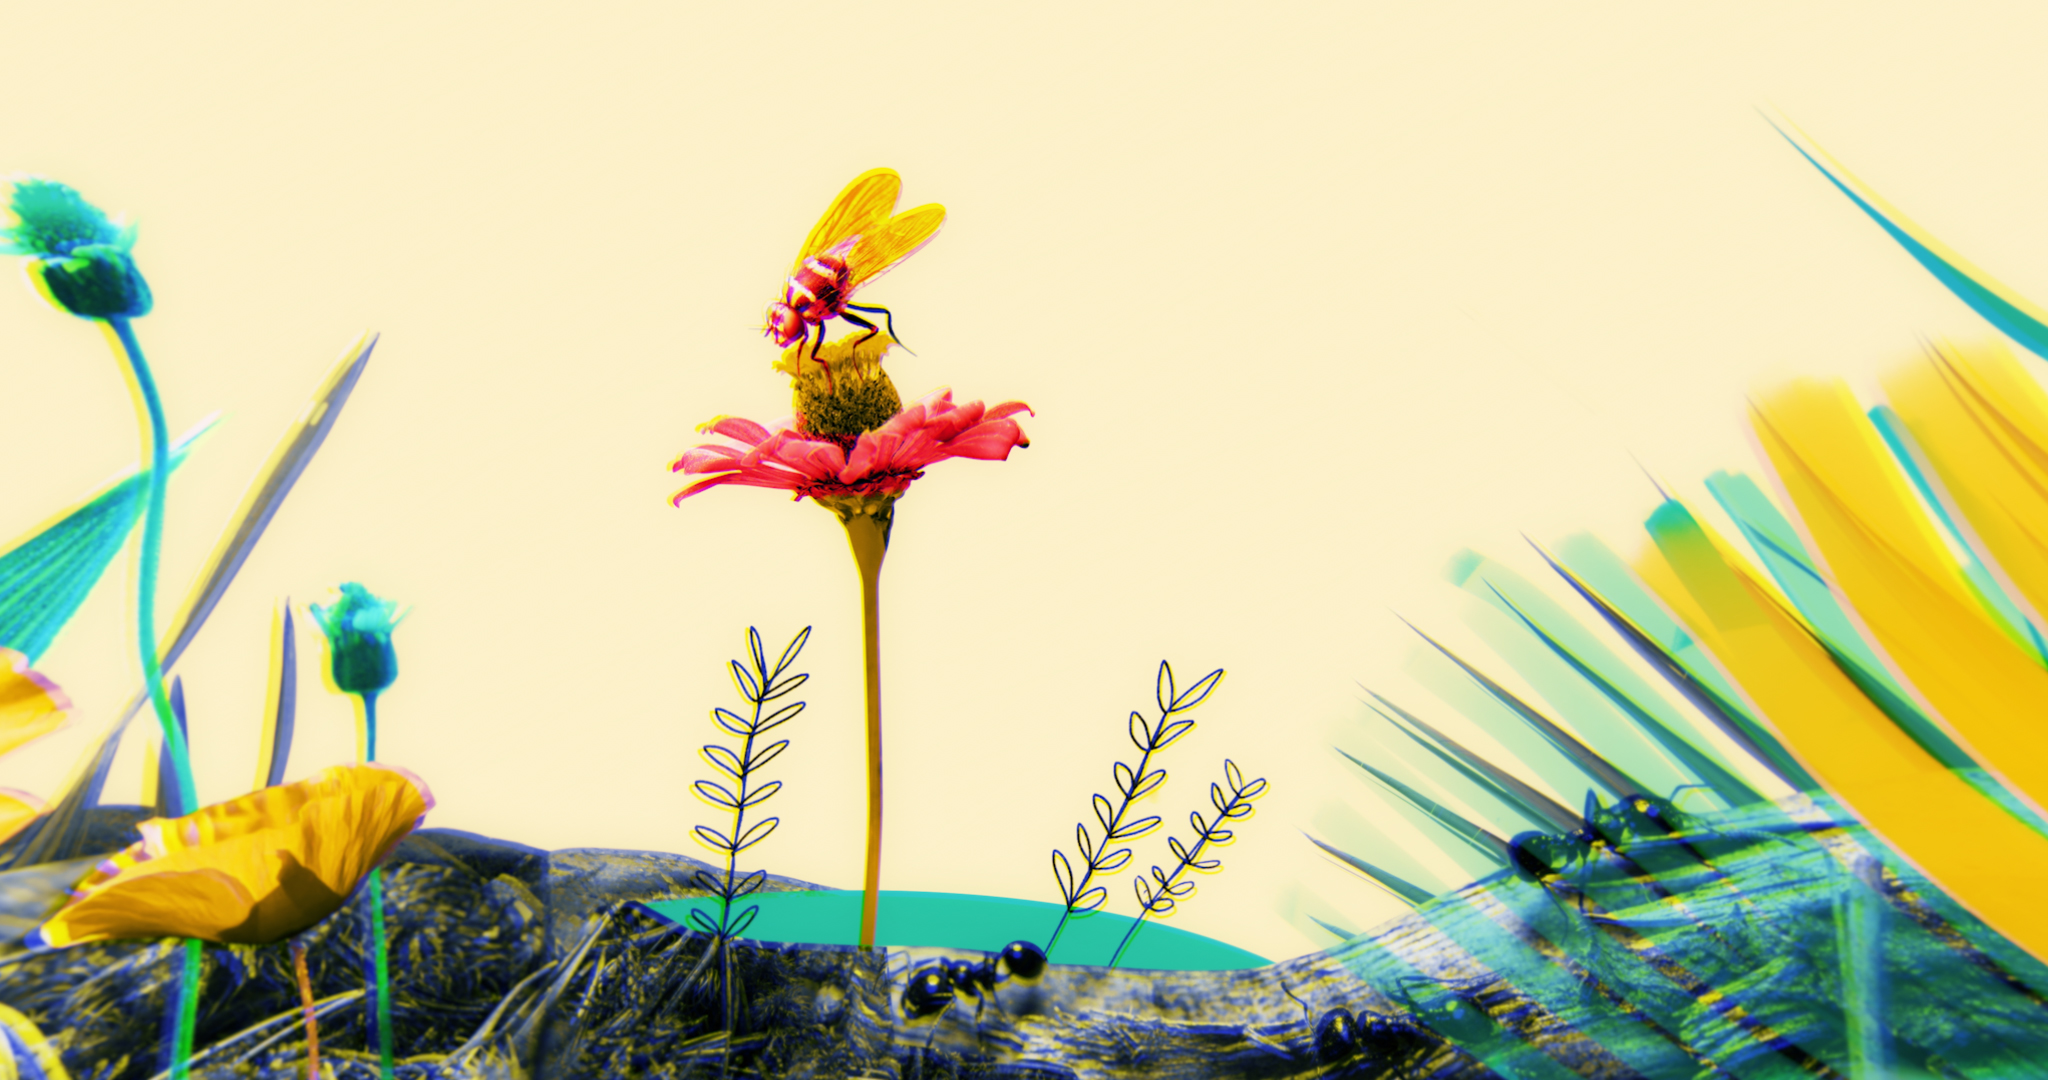 Ted-DIYN_Dragonfly_S.jpg